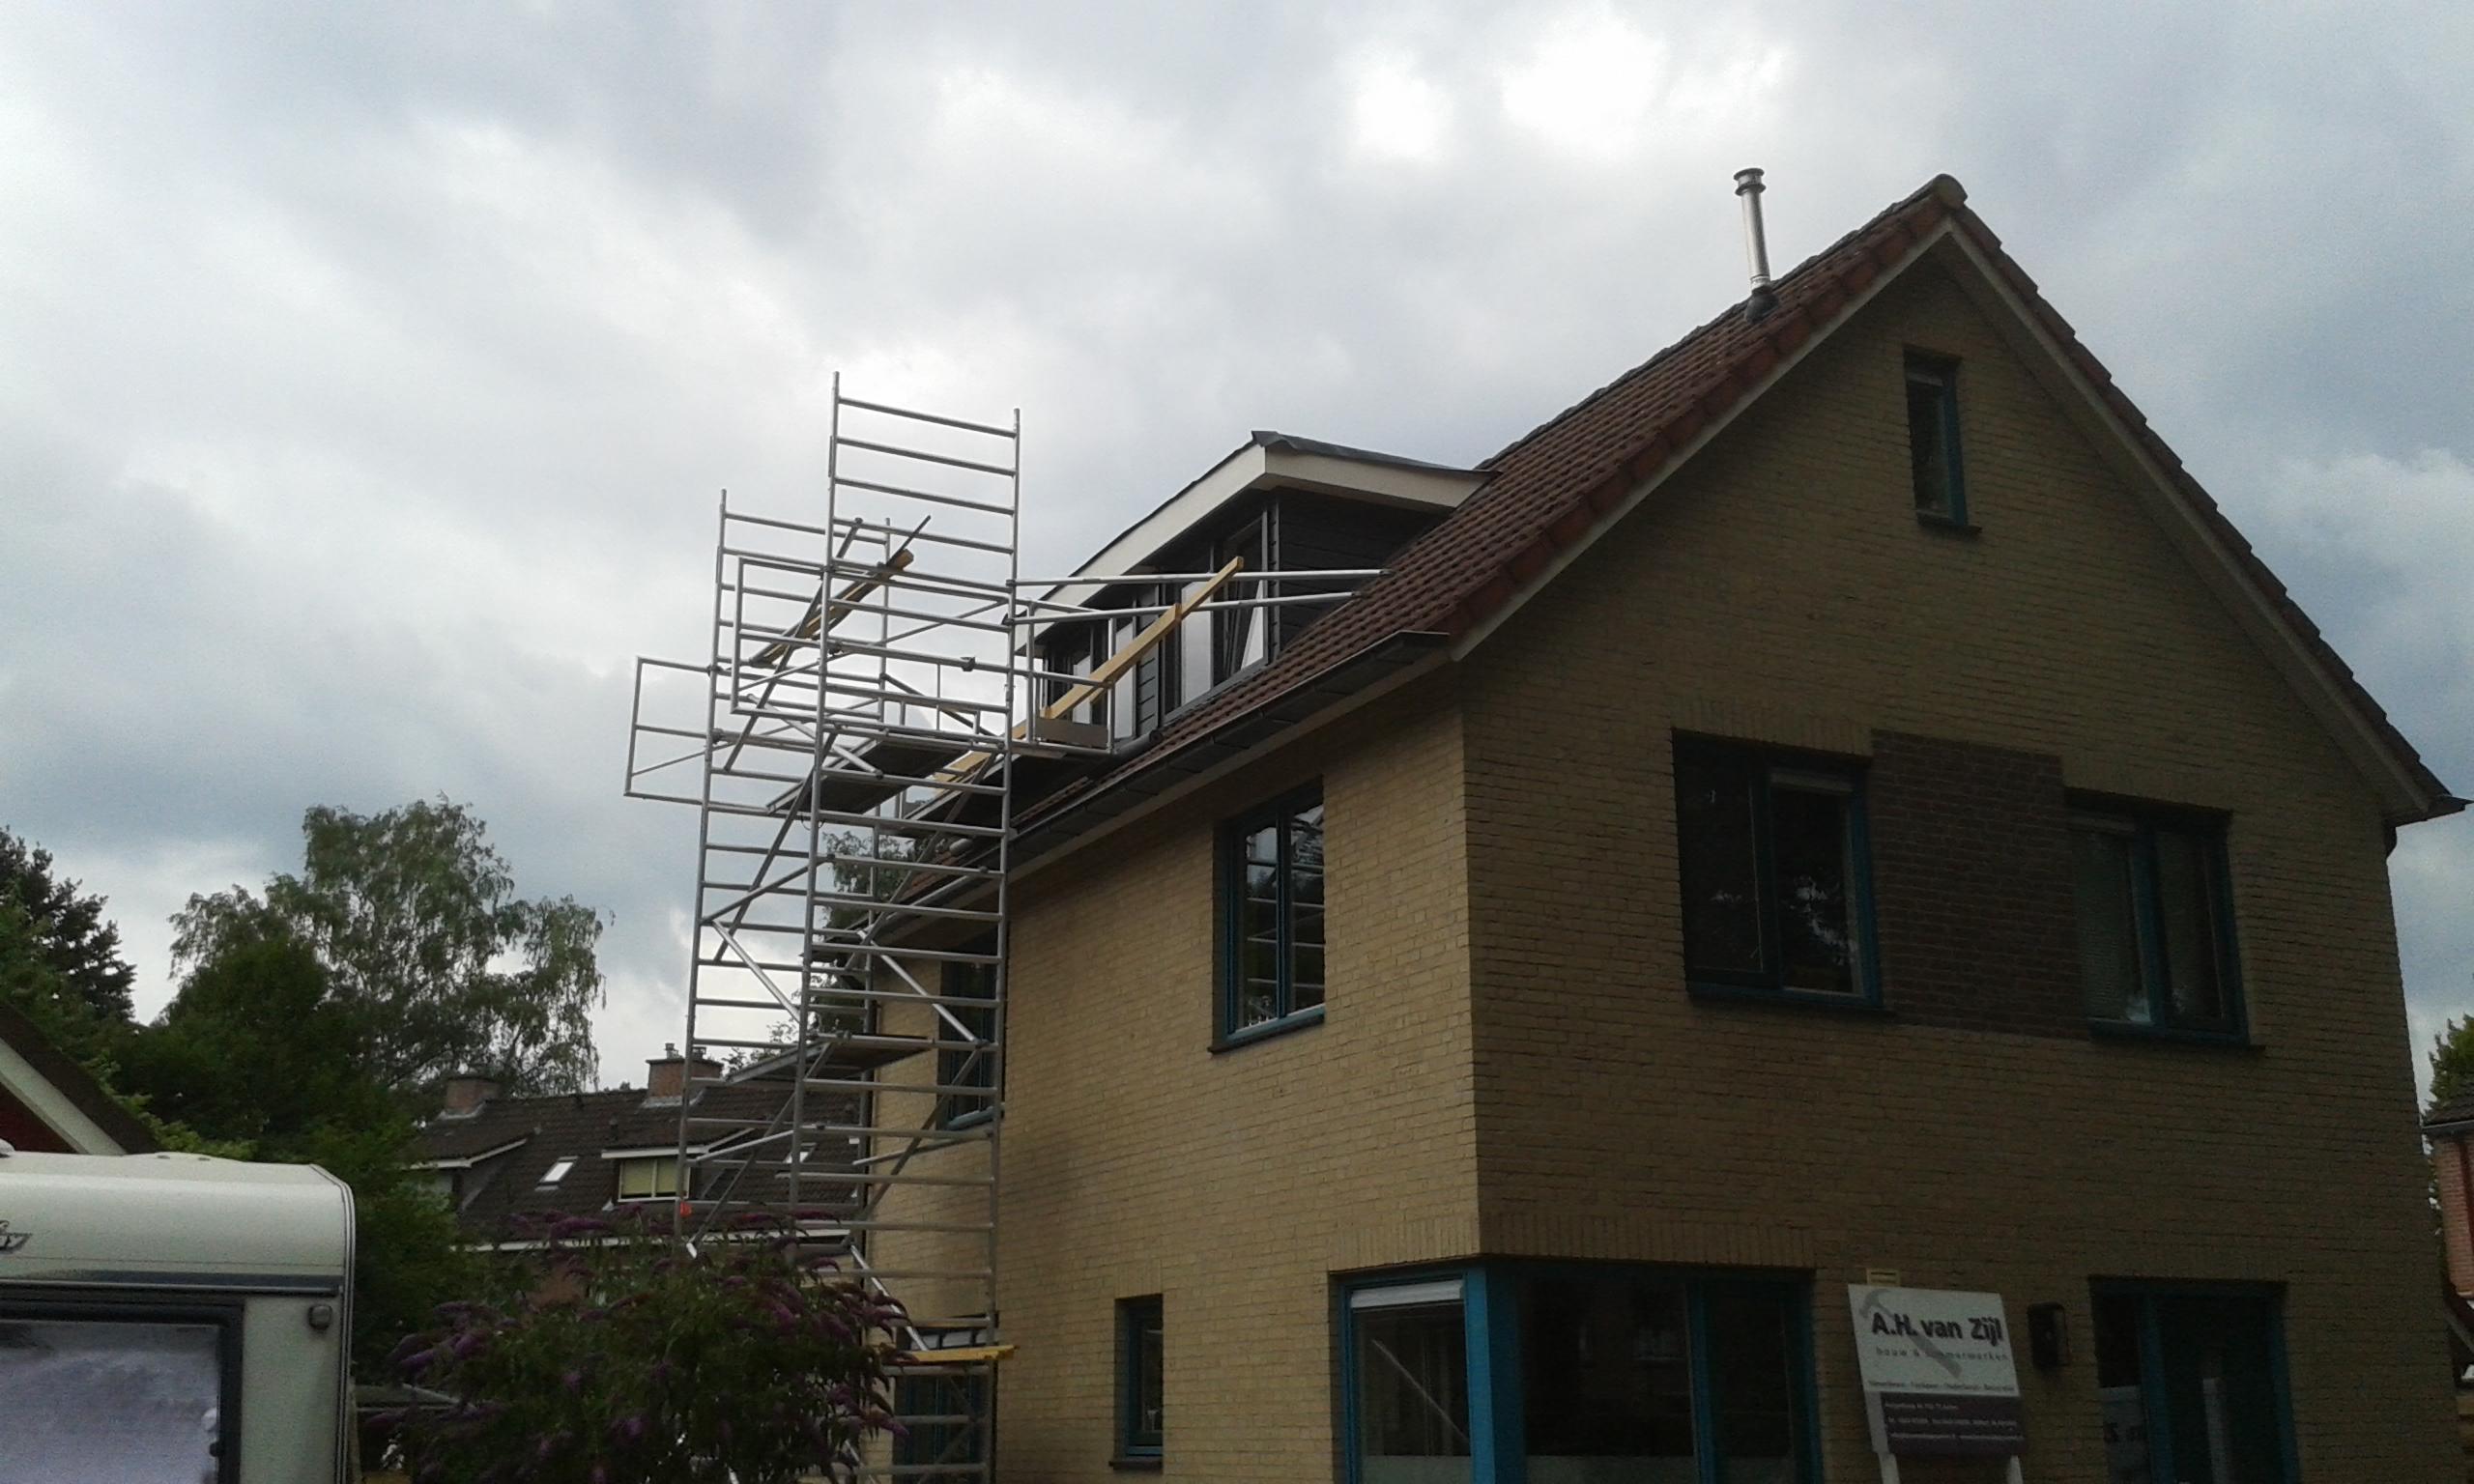 Plaatsen dakkapel en verbouw zolderverdieping in Aalten 2016